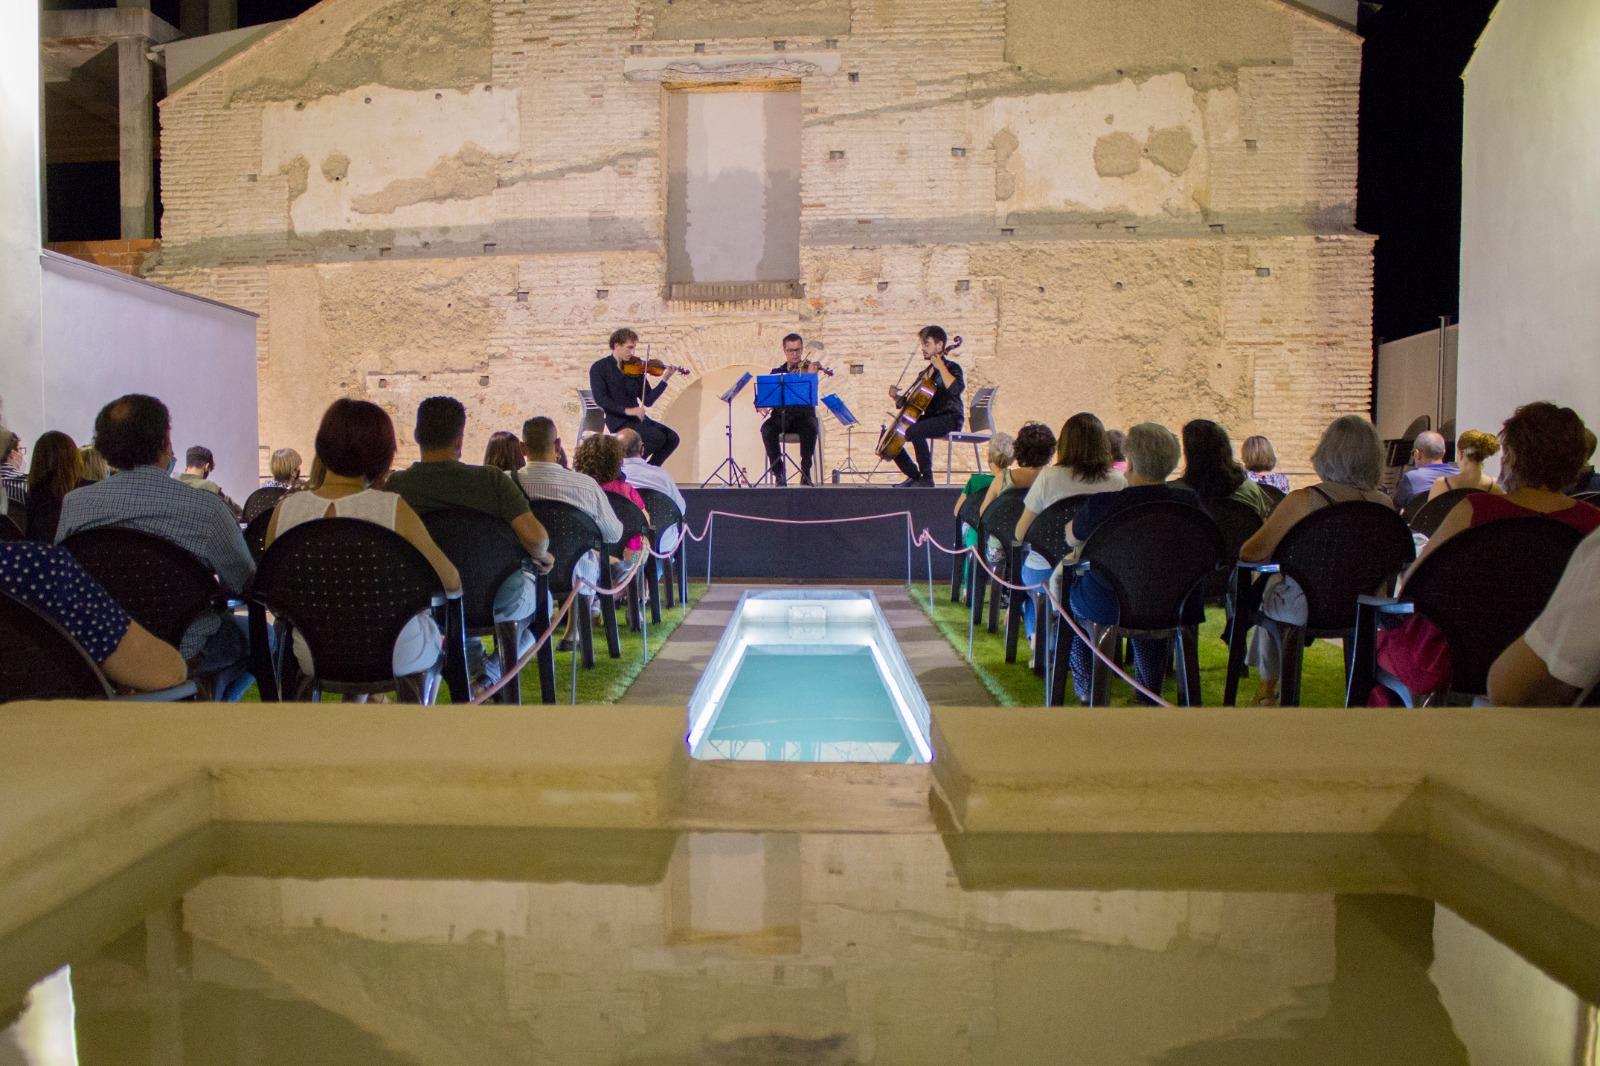 Andalucía amplía desde este jueves al 100% el aforo de teatros, cines, auditorios y conciertos